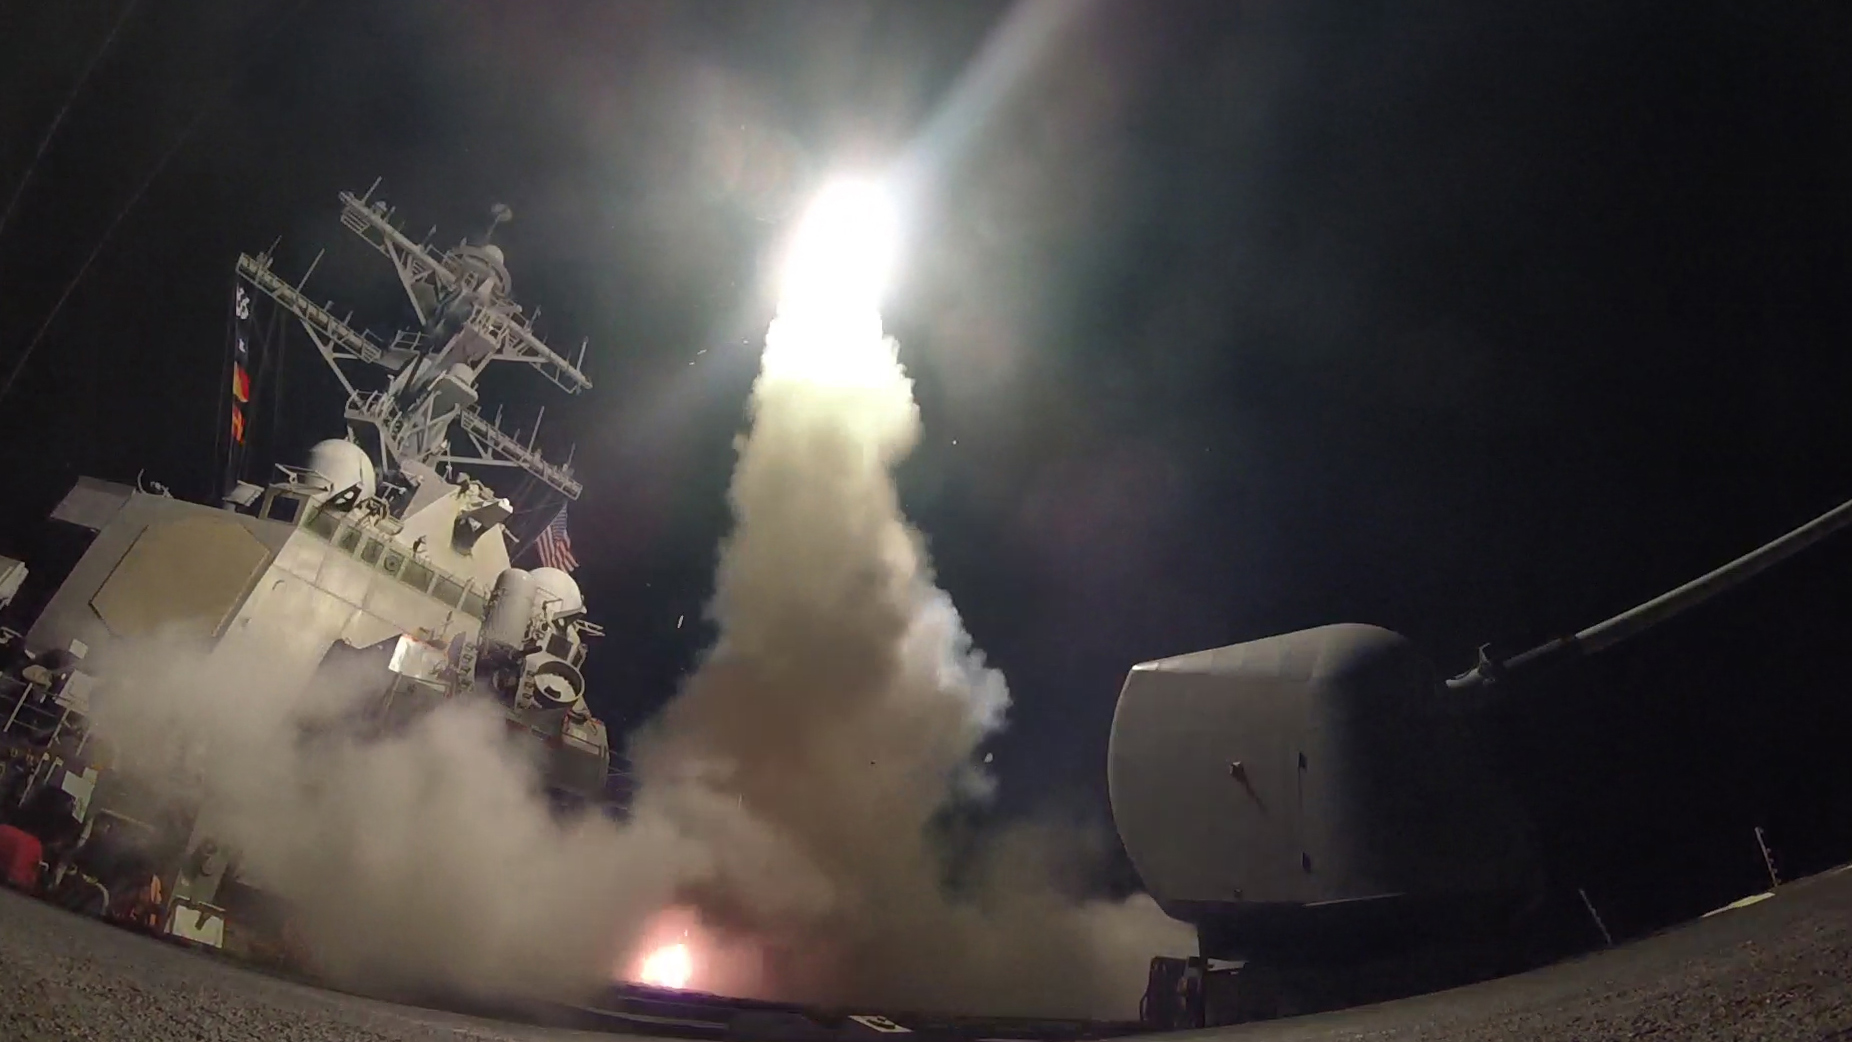 圖為美國周五(7日)對敘利亞實行空襲,以懲罰其日前對平民發動化學武器攻擊。(美國海軍官網)